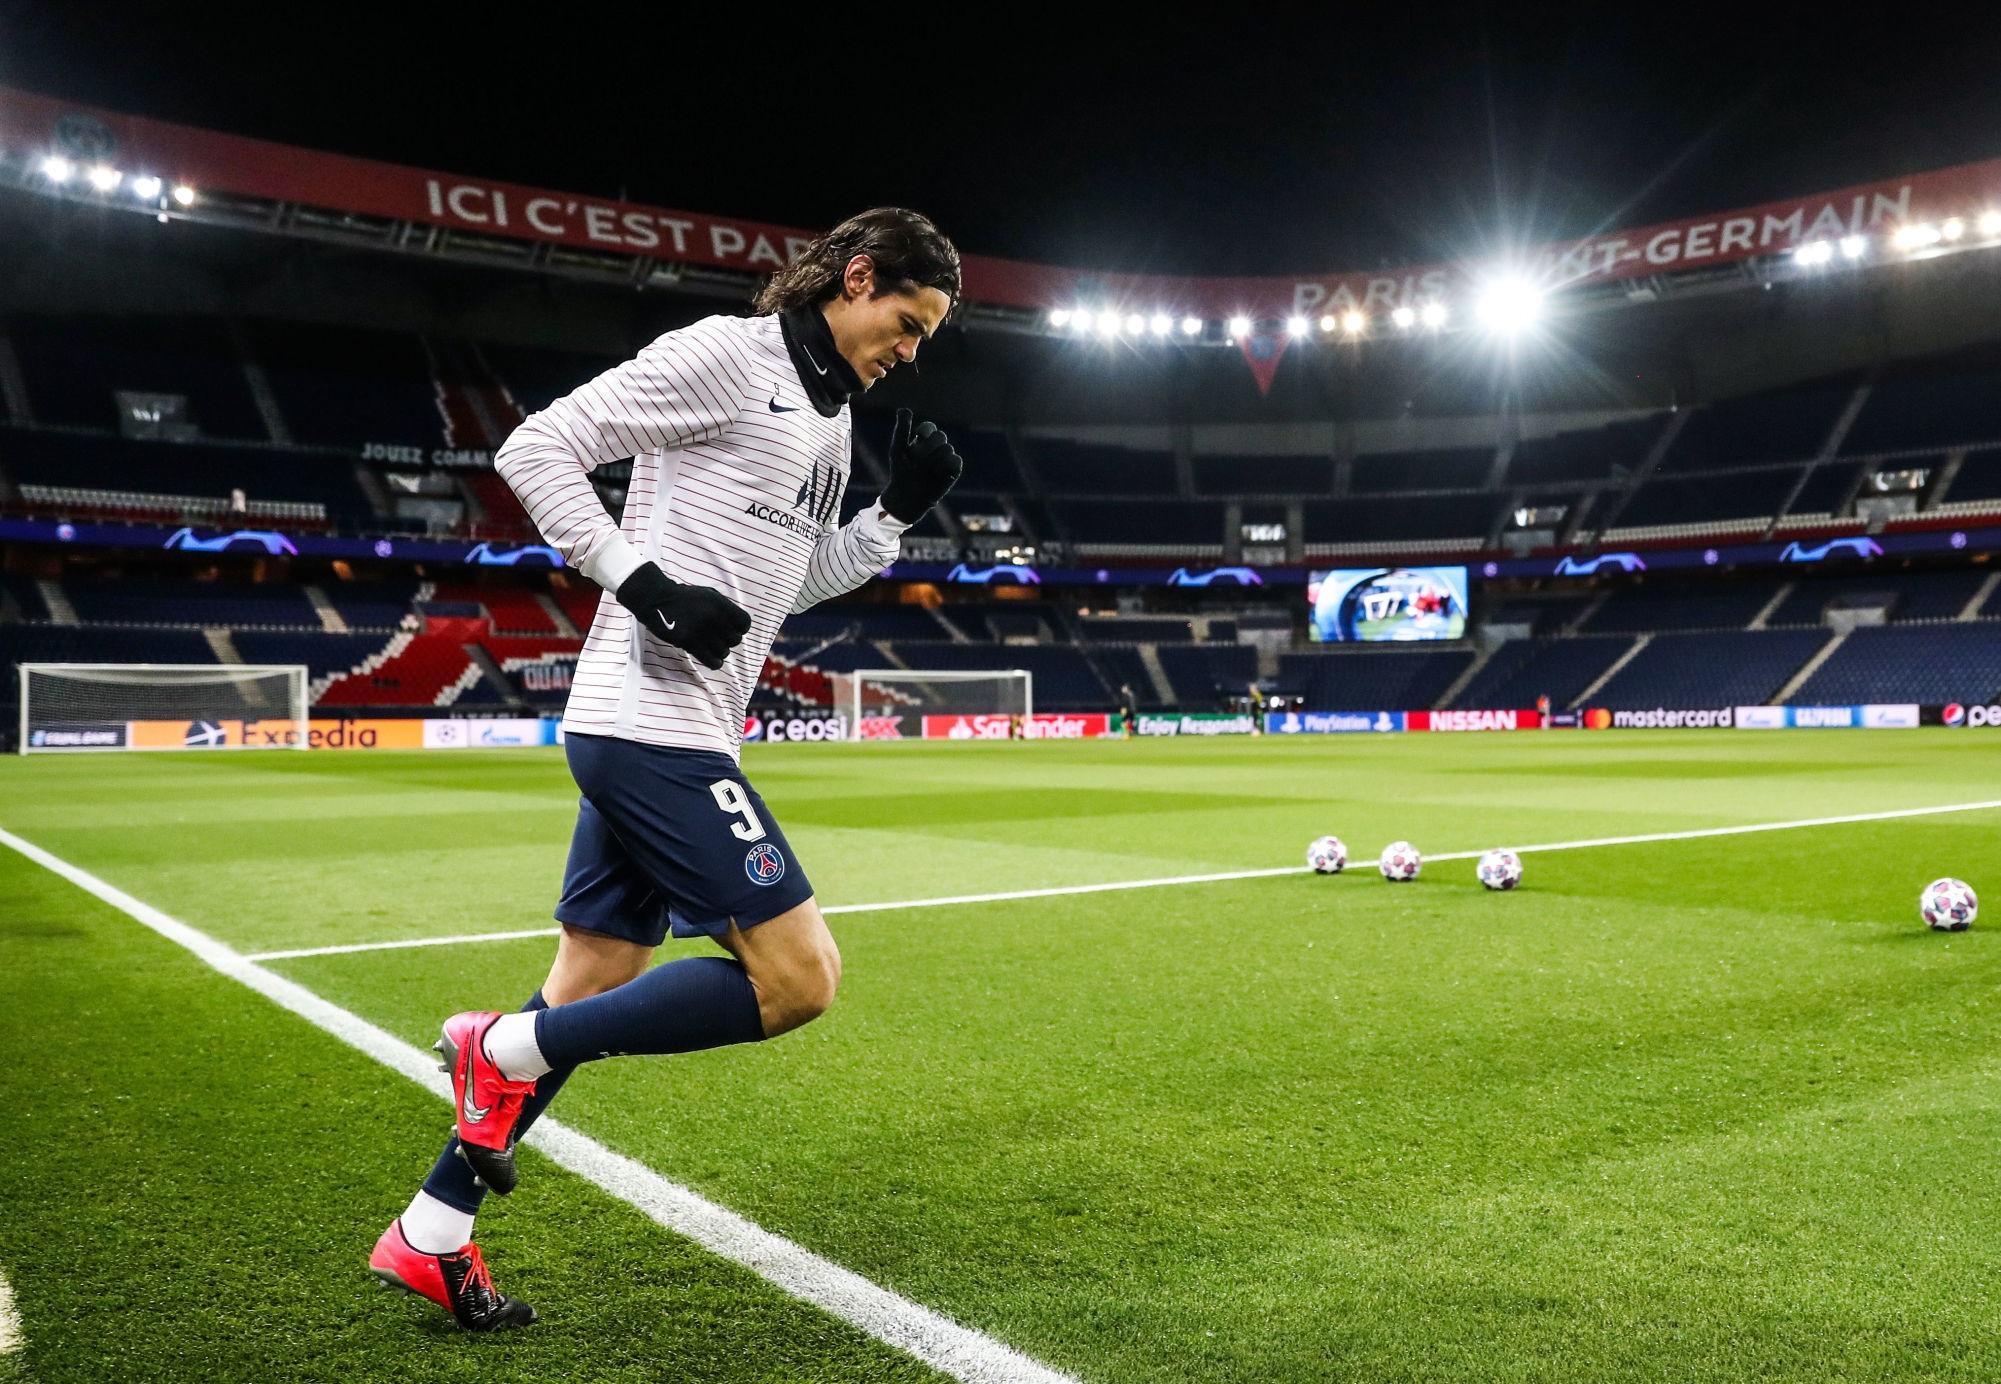 Mercato - L'Inter propose un contrat 3 ans à Cavani pour le convaincre, annonce la GDS